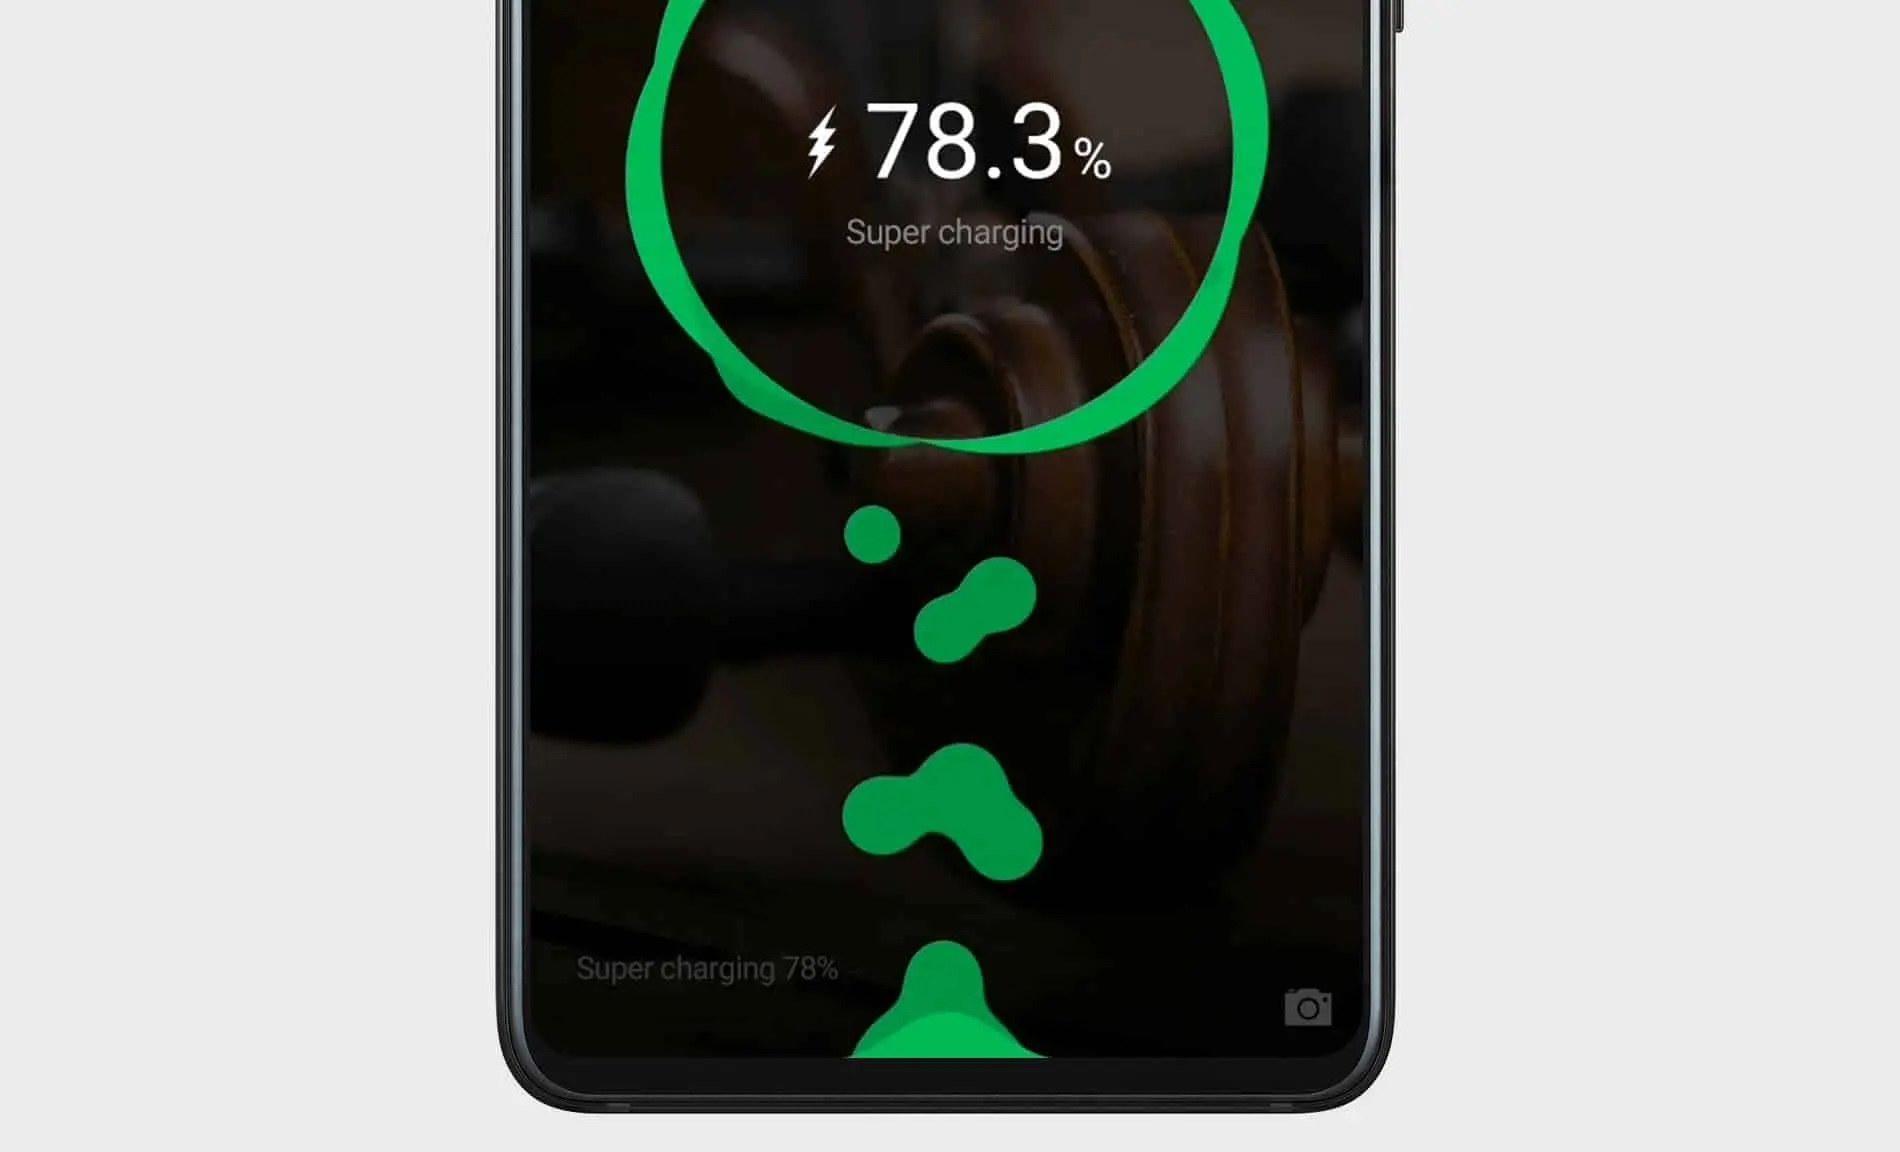 هواوی شارژ سریع ۱۳۵ وات خود را برای لپ تاپ و گوشی های هوشمند عرضه خواهد کرد